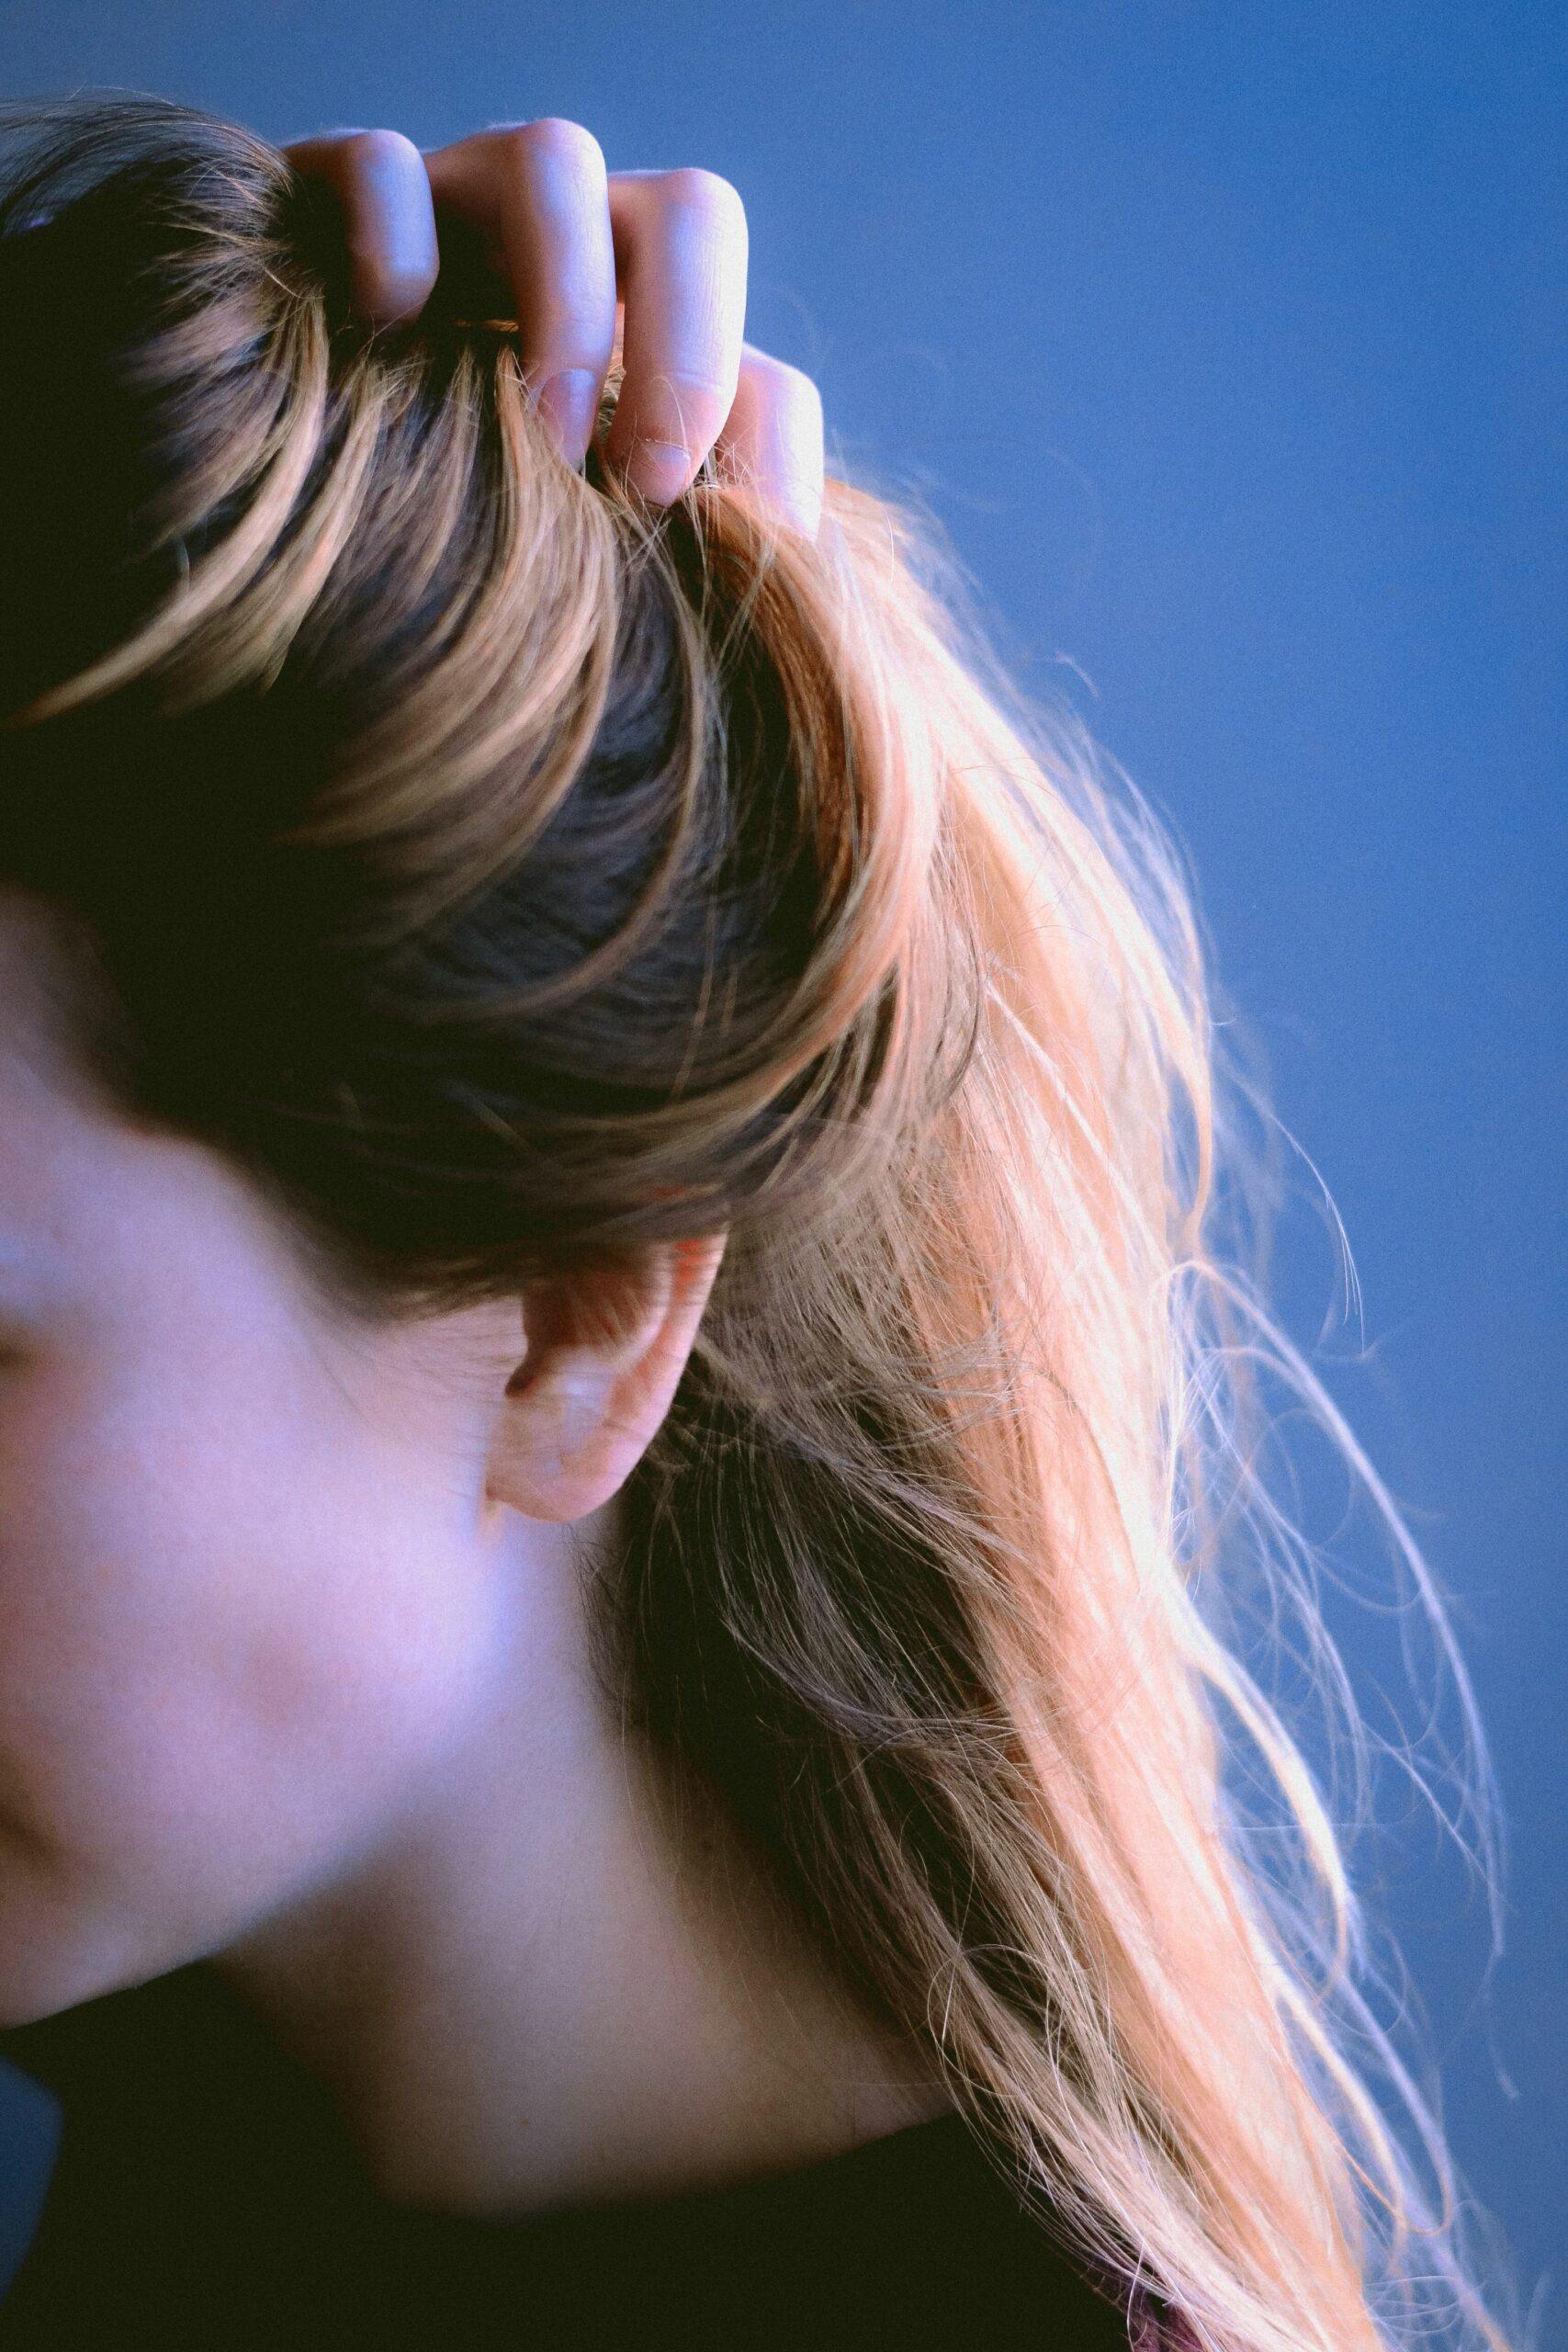 Cabelos quimicamente tratados e couro cabeludo se beneficiam do vinagre